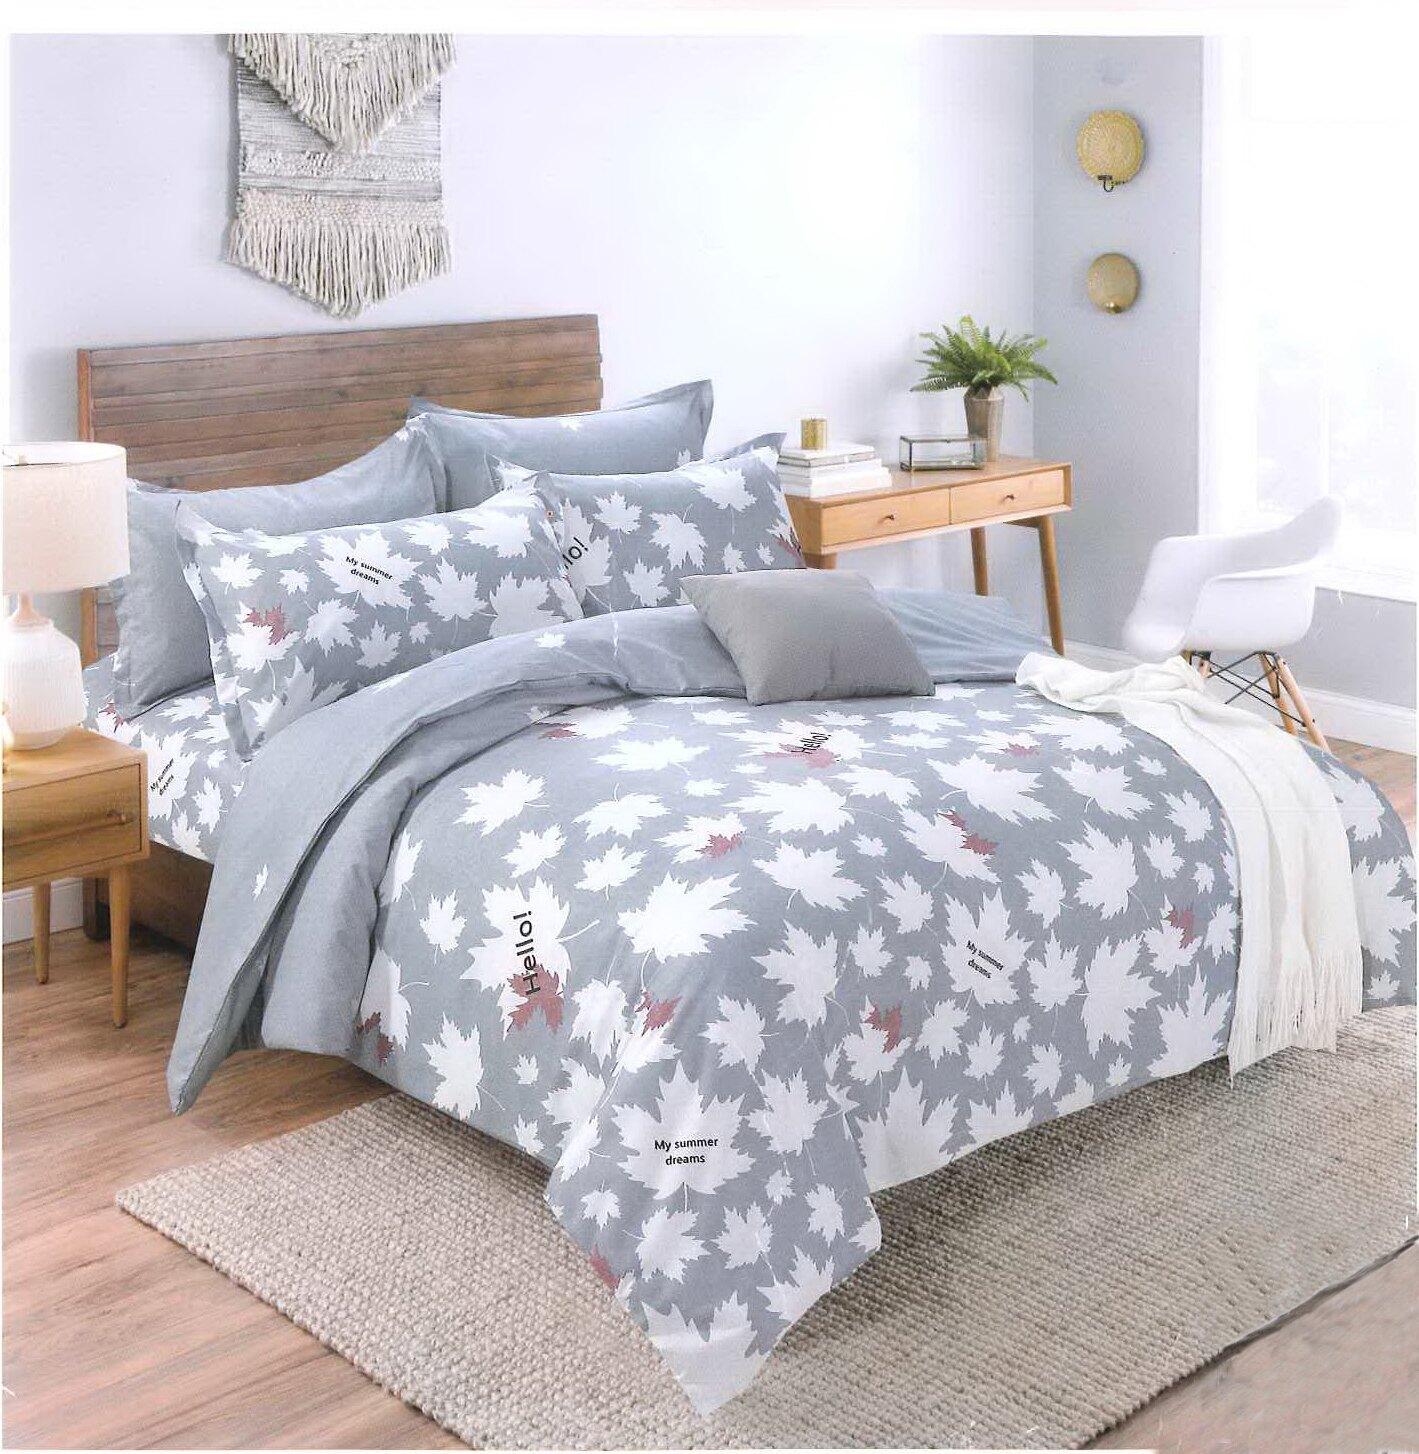 【名流寢飾家居館】葉葉相隨 超細纖維棉.單人三件鋪棉床包組兩用舖棉被套全套